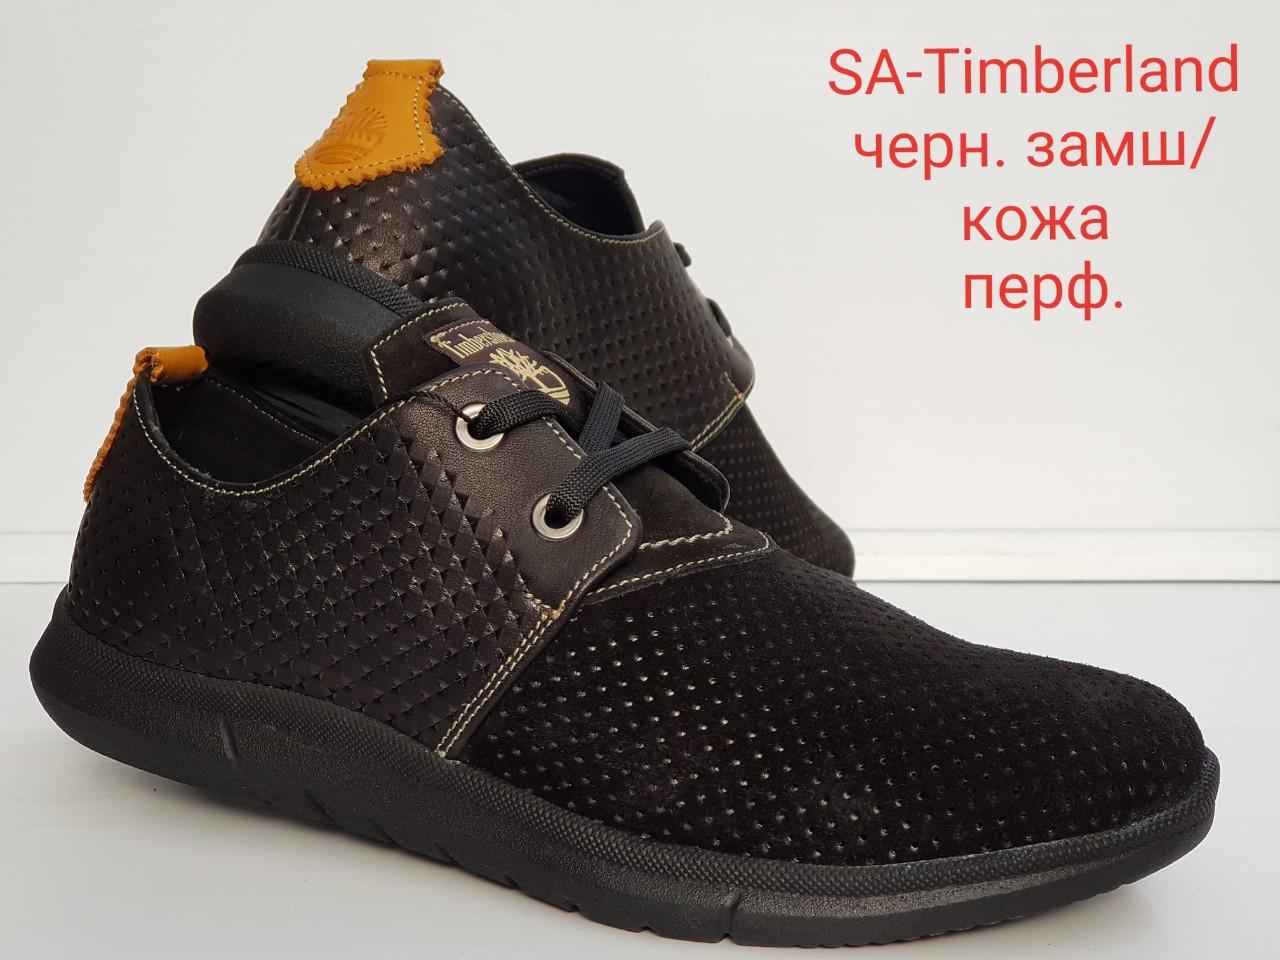 Кроссовки в стиле SA Timberland черные